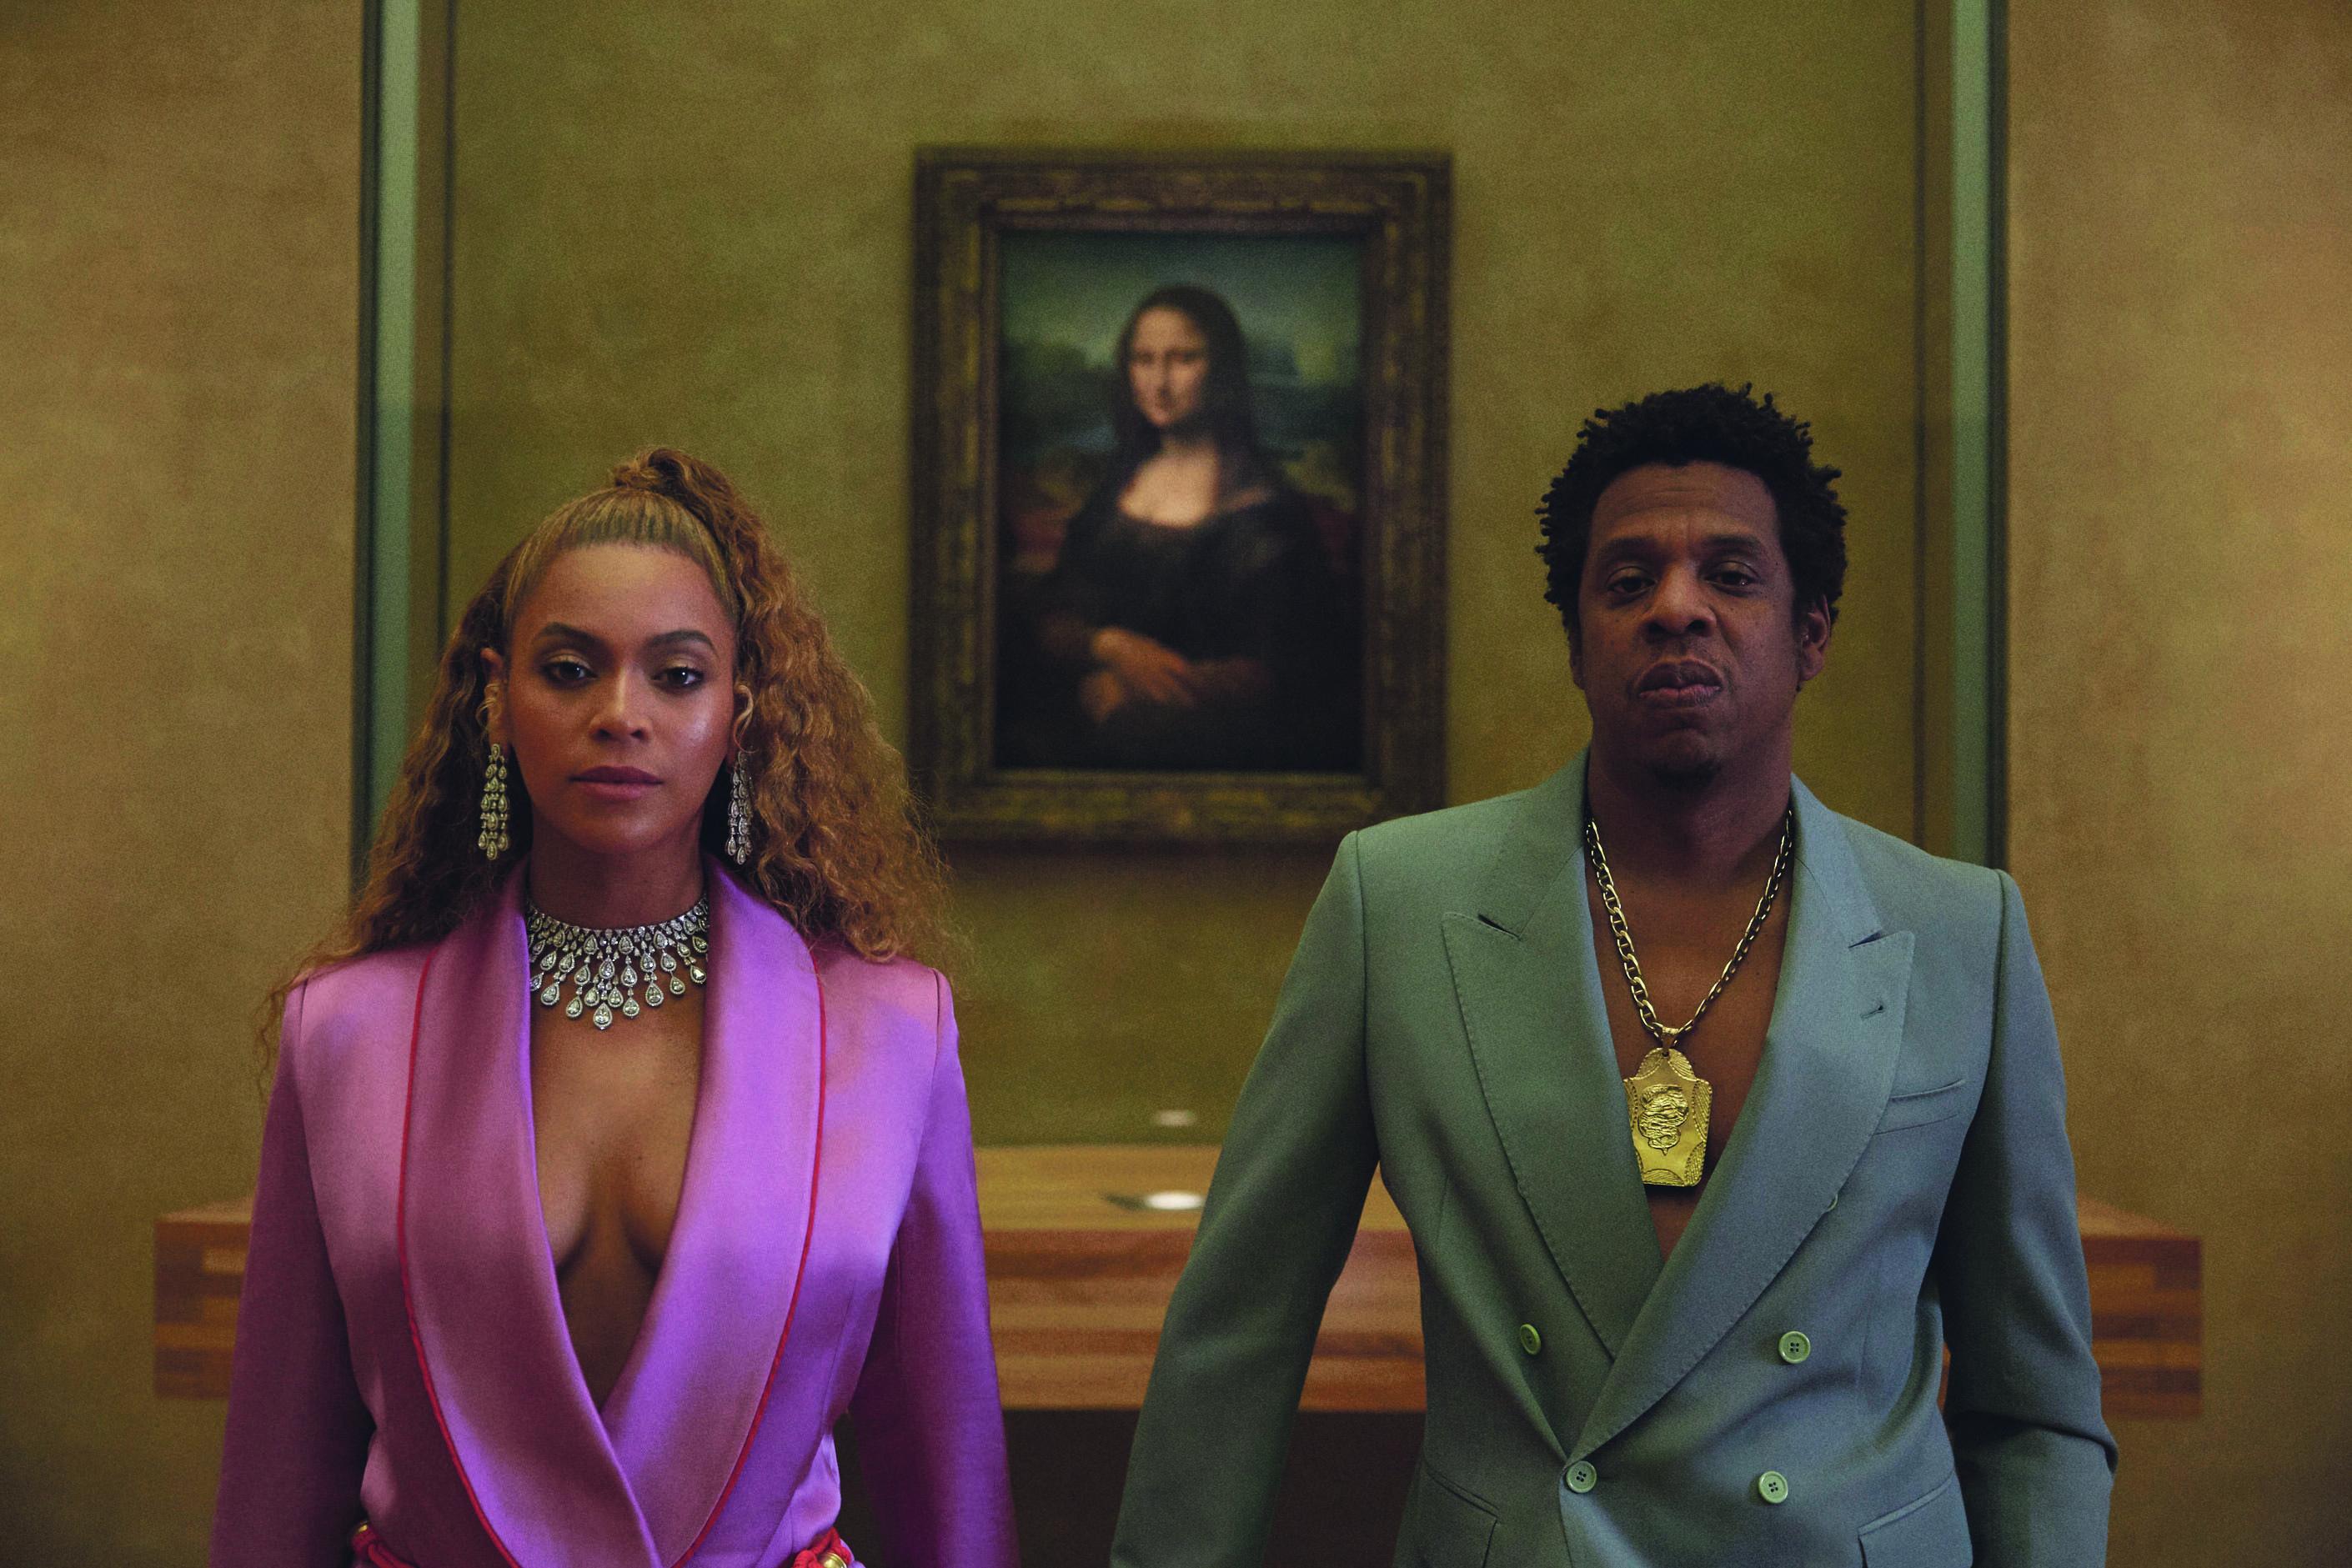 Aus alt mach neu: The Carters (Beyoncé und Jay Z) vor der Mona Lisa. Foto: Sony Music/Robin Harper